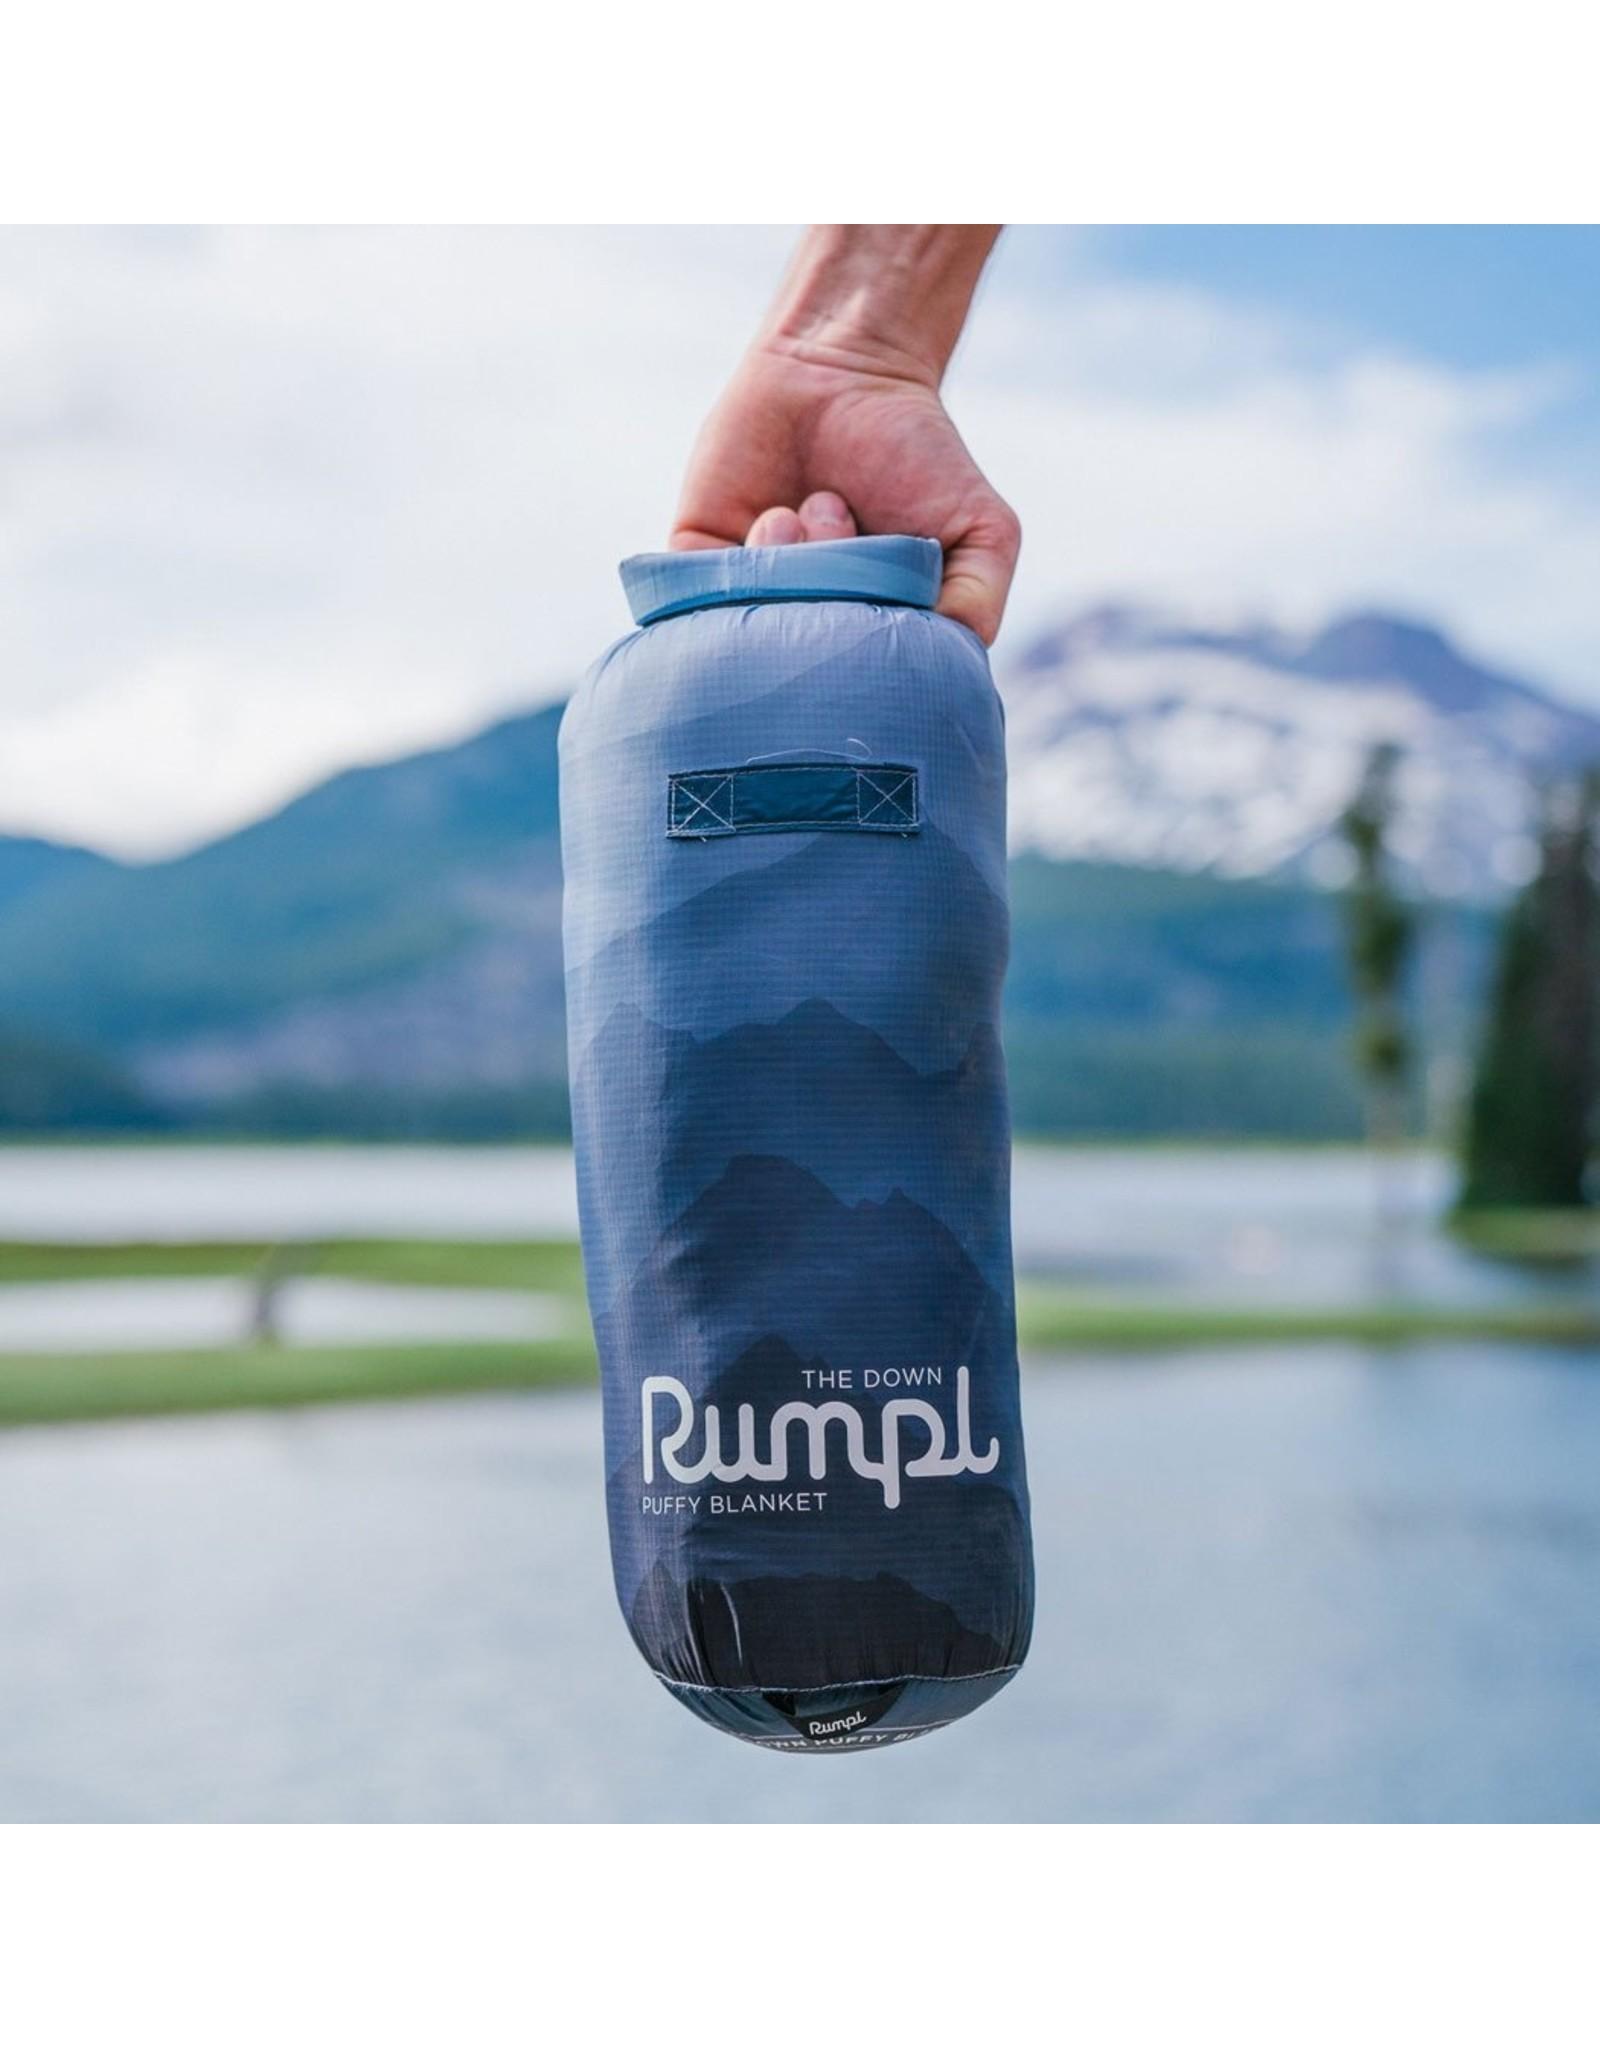 RUMPL RUMPL DOWN PUFFY BLANKET-1 PERSON- CASCADE FADE/BLUE